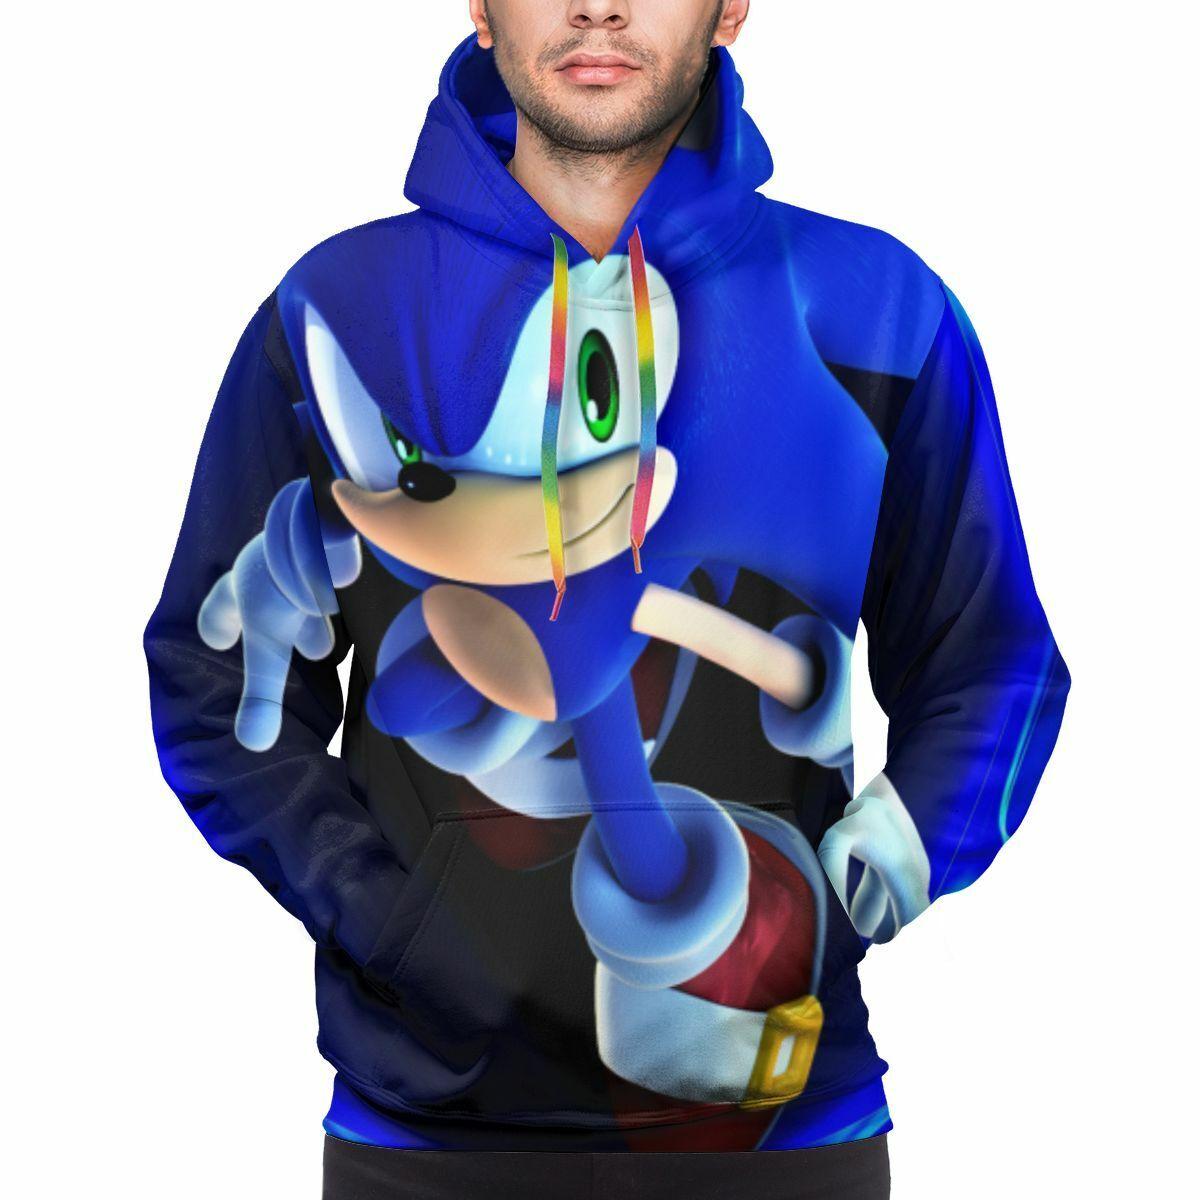 Sonic The Hedgehog Mens Hoodies Sweater Sweatshirt Pullover Jumper Mens Clothing Ebay